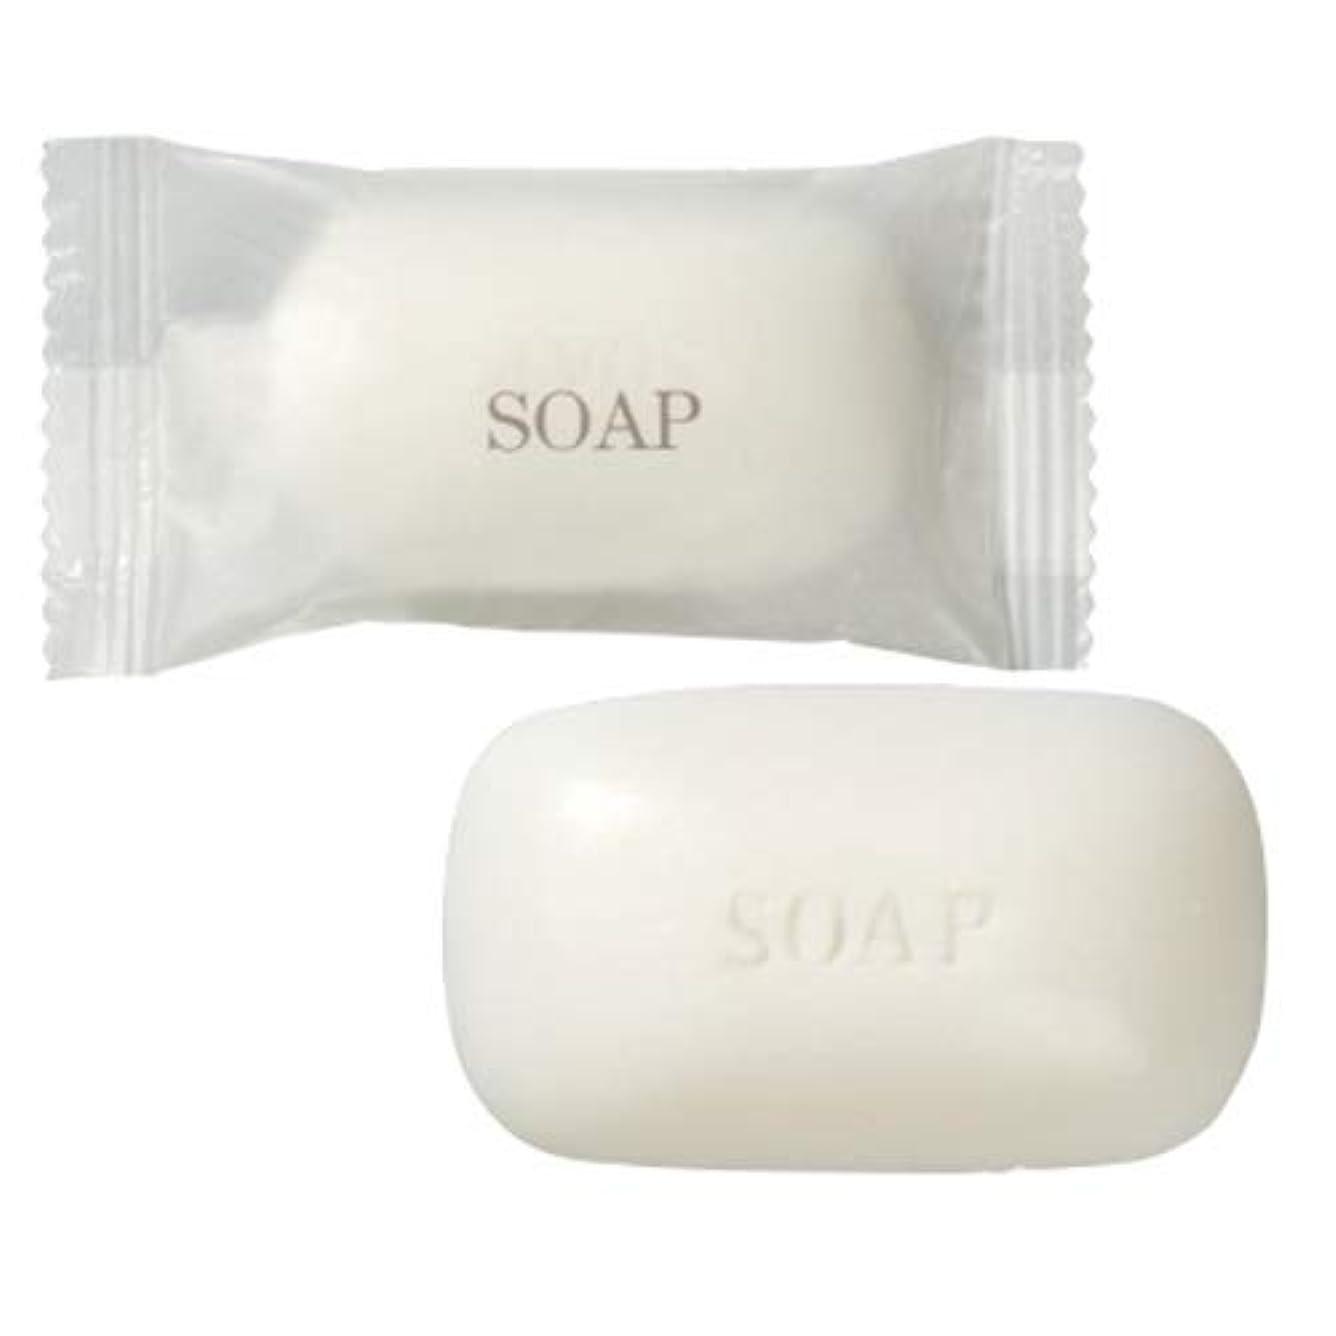 収縮人口神秘業務用 フィードソープ(FEED SOAP) マット袋(M袋) 15g ×50個 | ホテルアメニティ 個包装